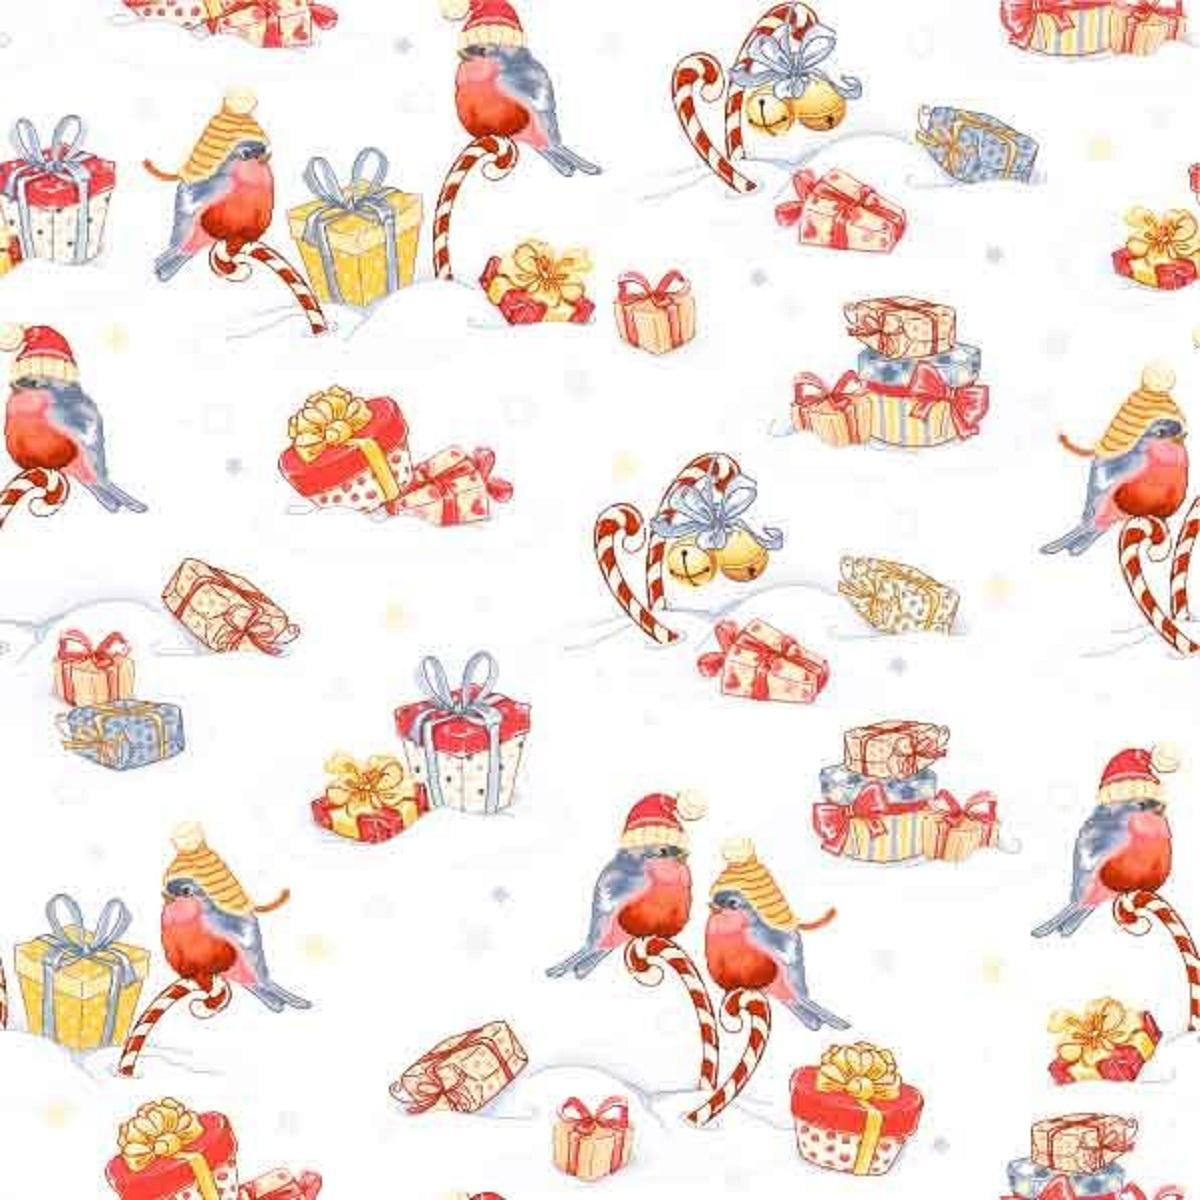 Салфетки бумажные Gratias Снегири и подарки, трехслойные, 33 х 33 см, 20 шт92292Трехслойные бумажные салфетки Gratias Снегири и подарки, выполненные из натуральной целлюлозы, станут отличным дополнением любого праздничного стола. Они отличаются необычной мягкостью и прочностью. Размер листа: 33 х 33 см. Количество слоев: 3.